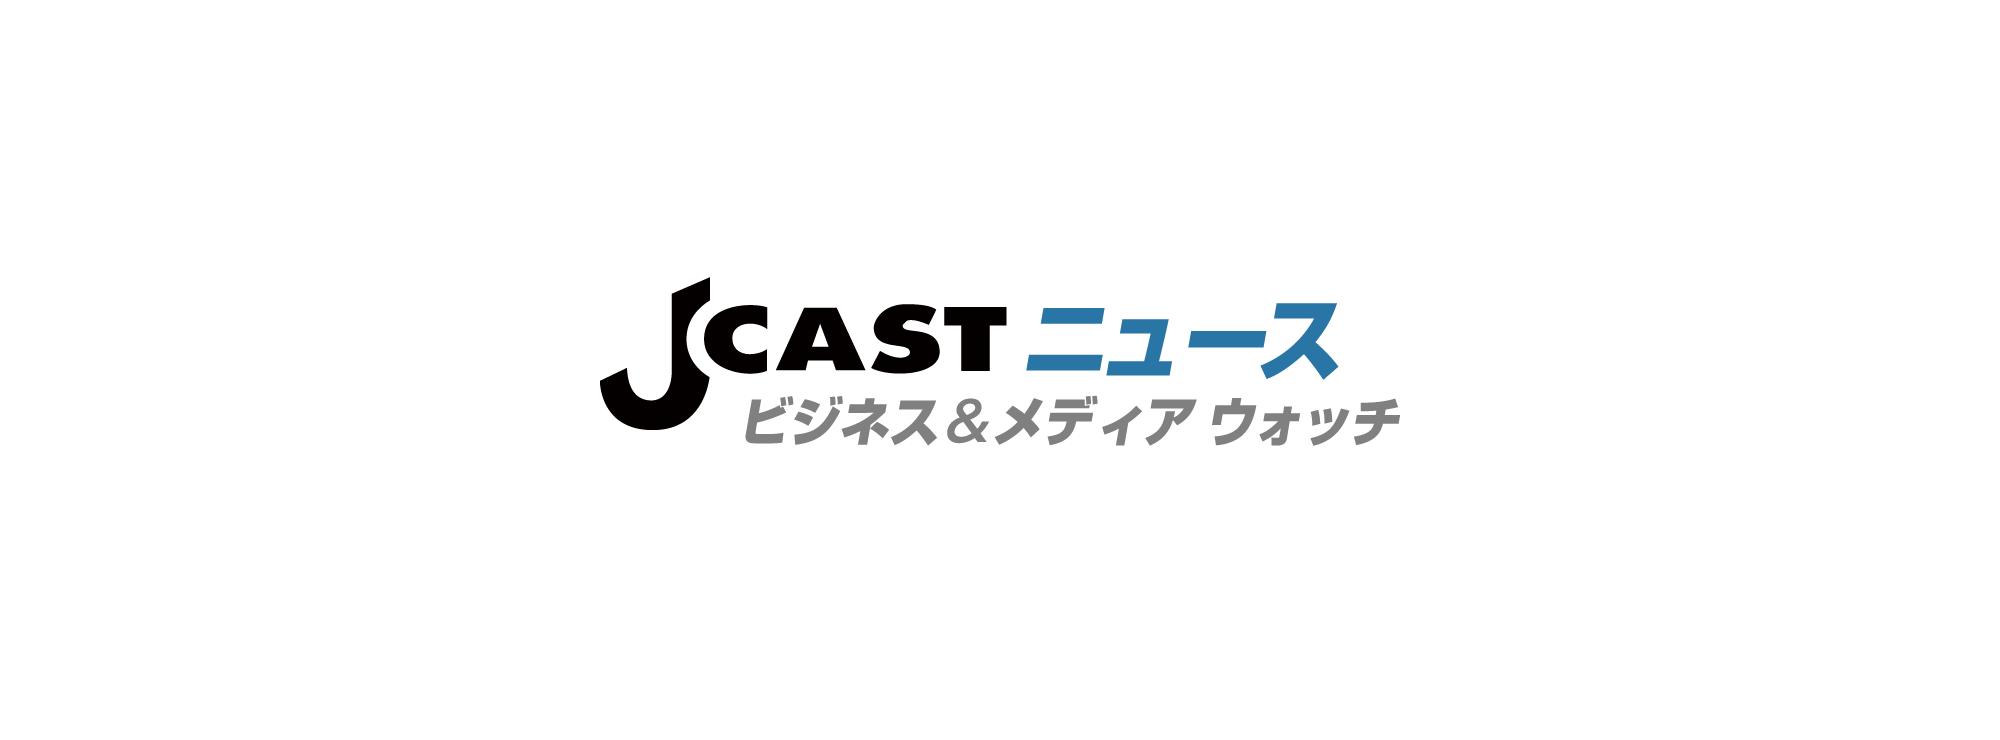 4月の有効求人倍率1.48倍 43年ぶりの高水準 : J-CASTニュース